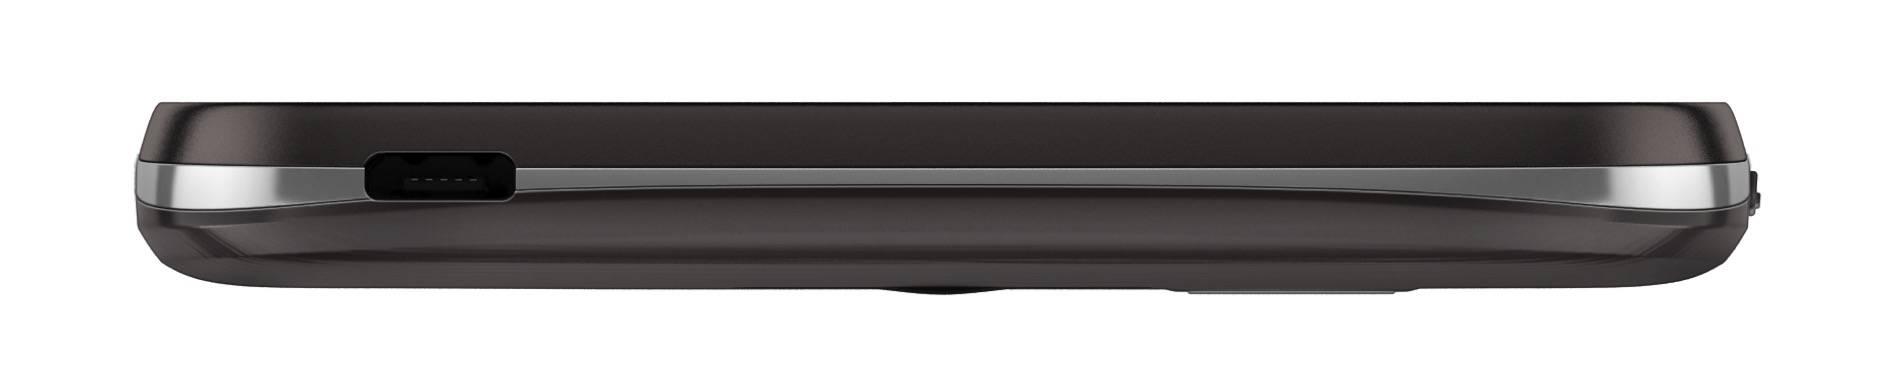 Acer Z360S Press 26